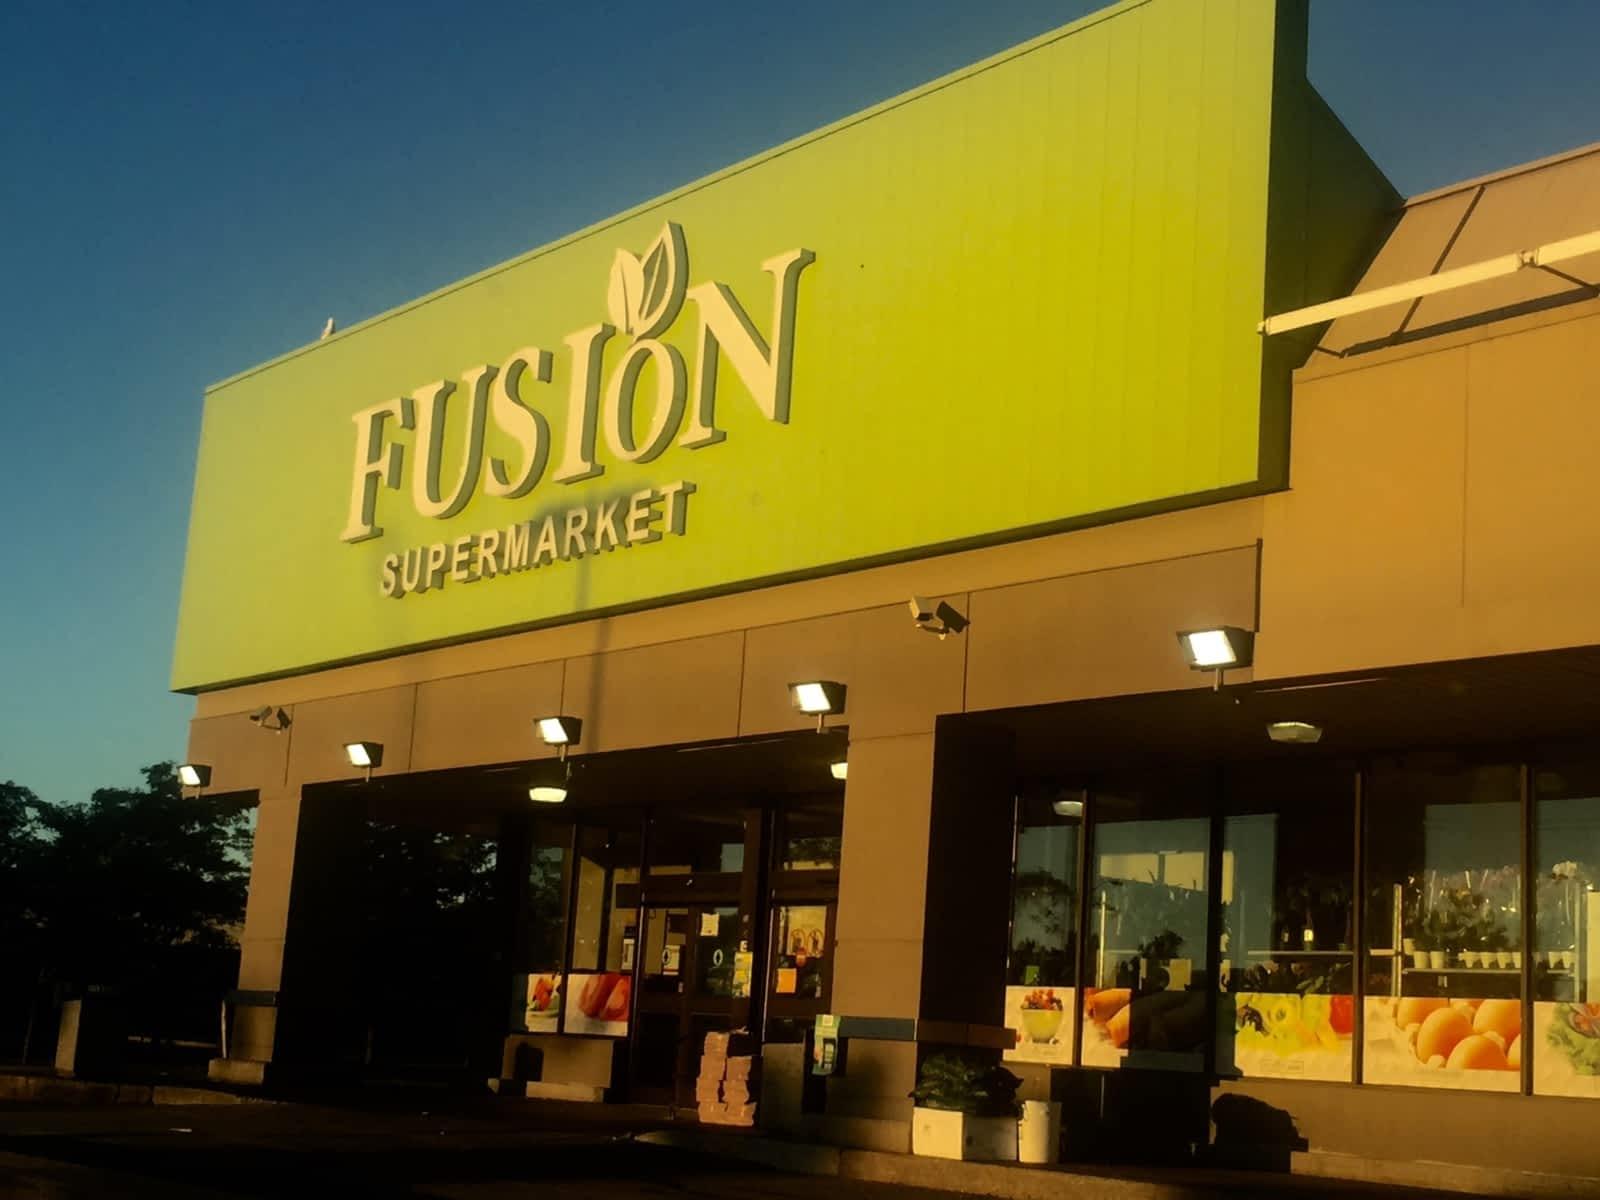 Fusion Supermarkets